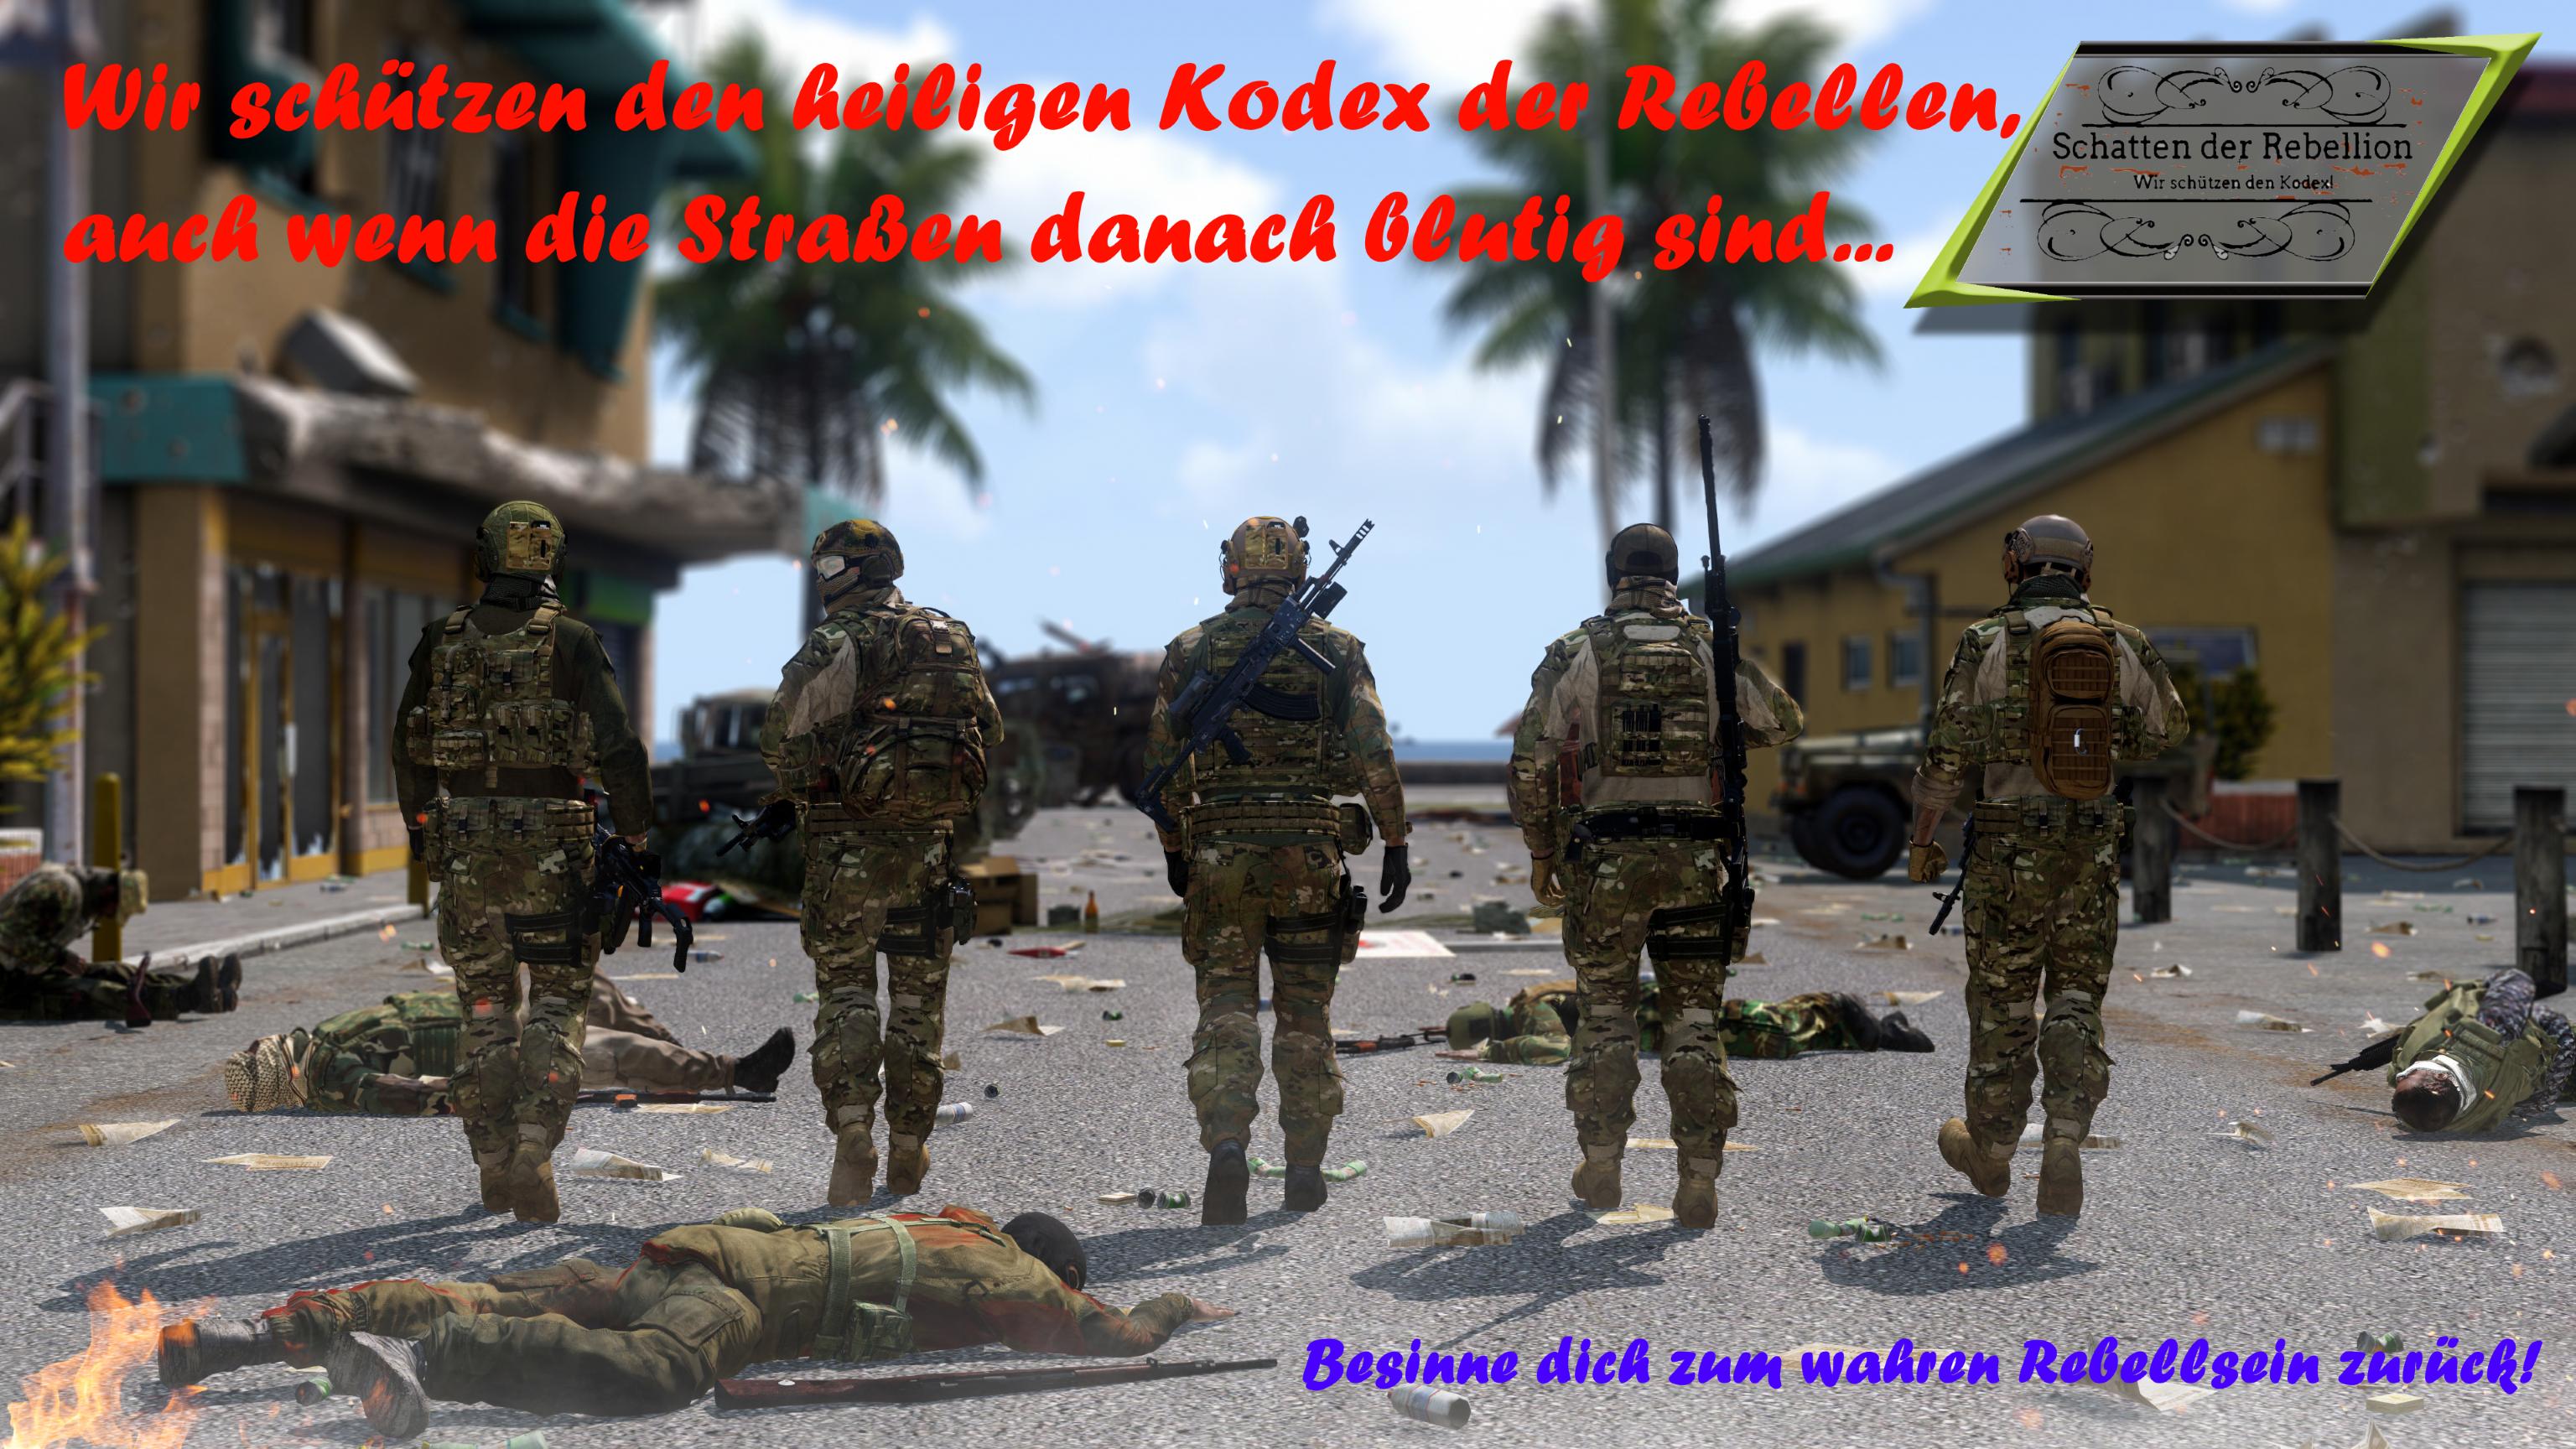 Schatten-der-Rebellion.png